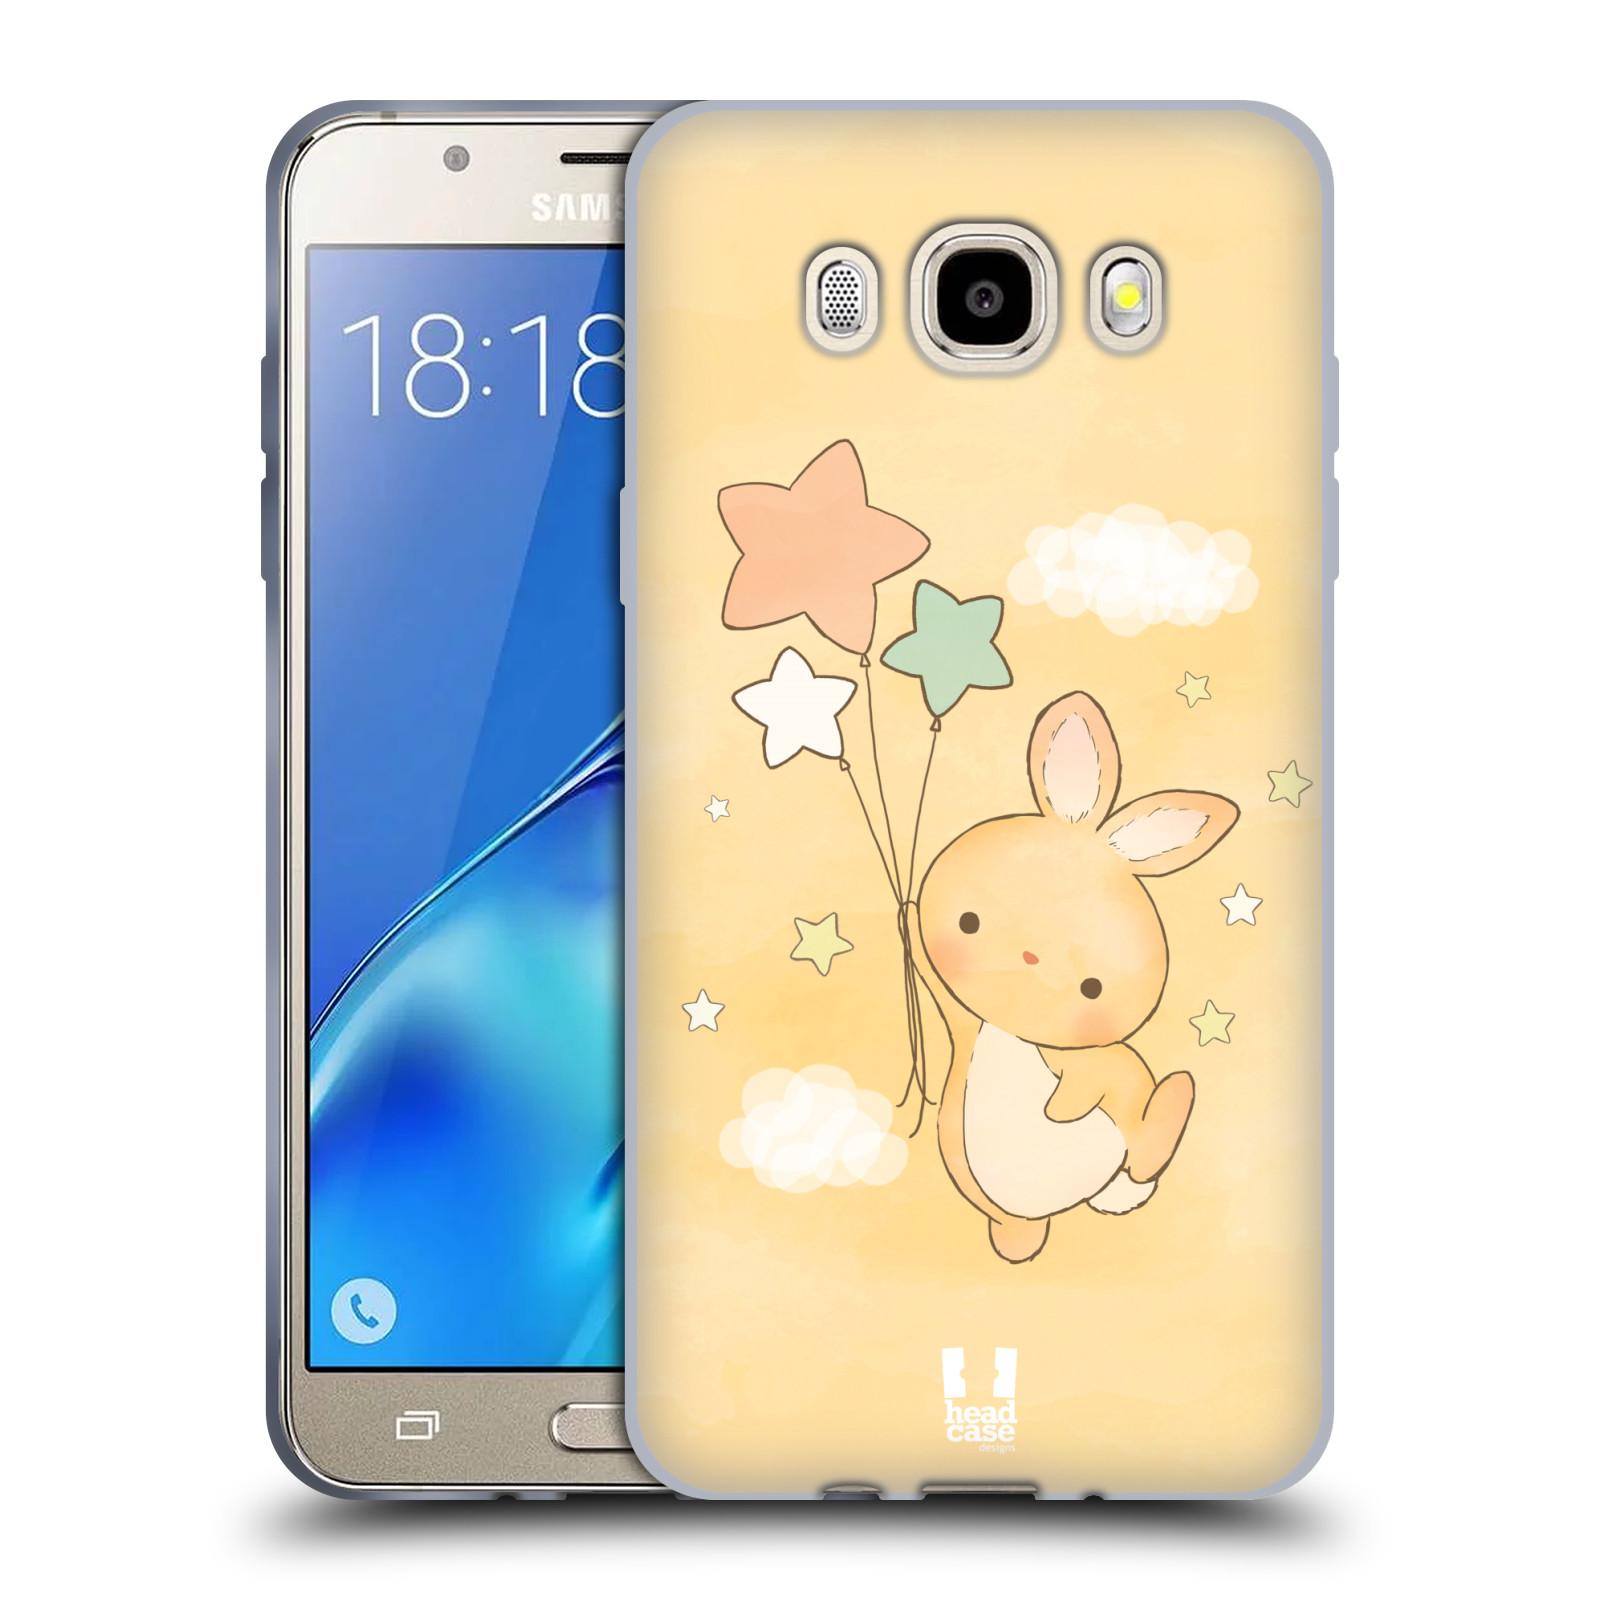 HEAD CASE silikonový obal, kryt na mobil Samsung Galaxy J5 2016, J510, J510F, (J510F DUAL SIM) vzor králíček a hvězdy žlutá